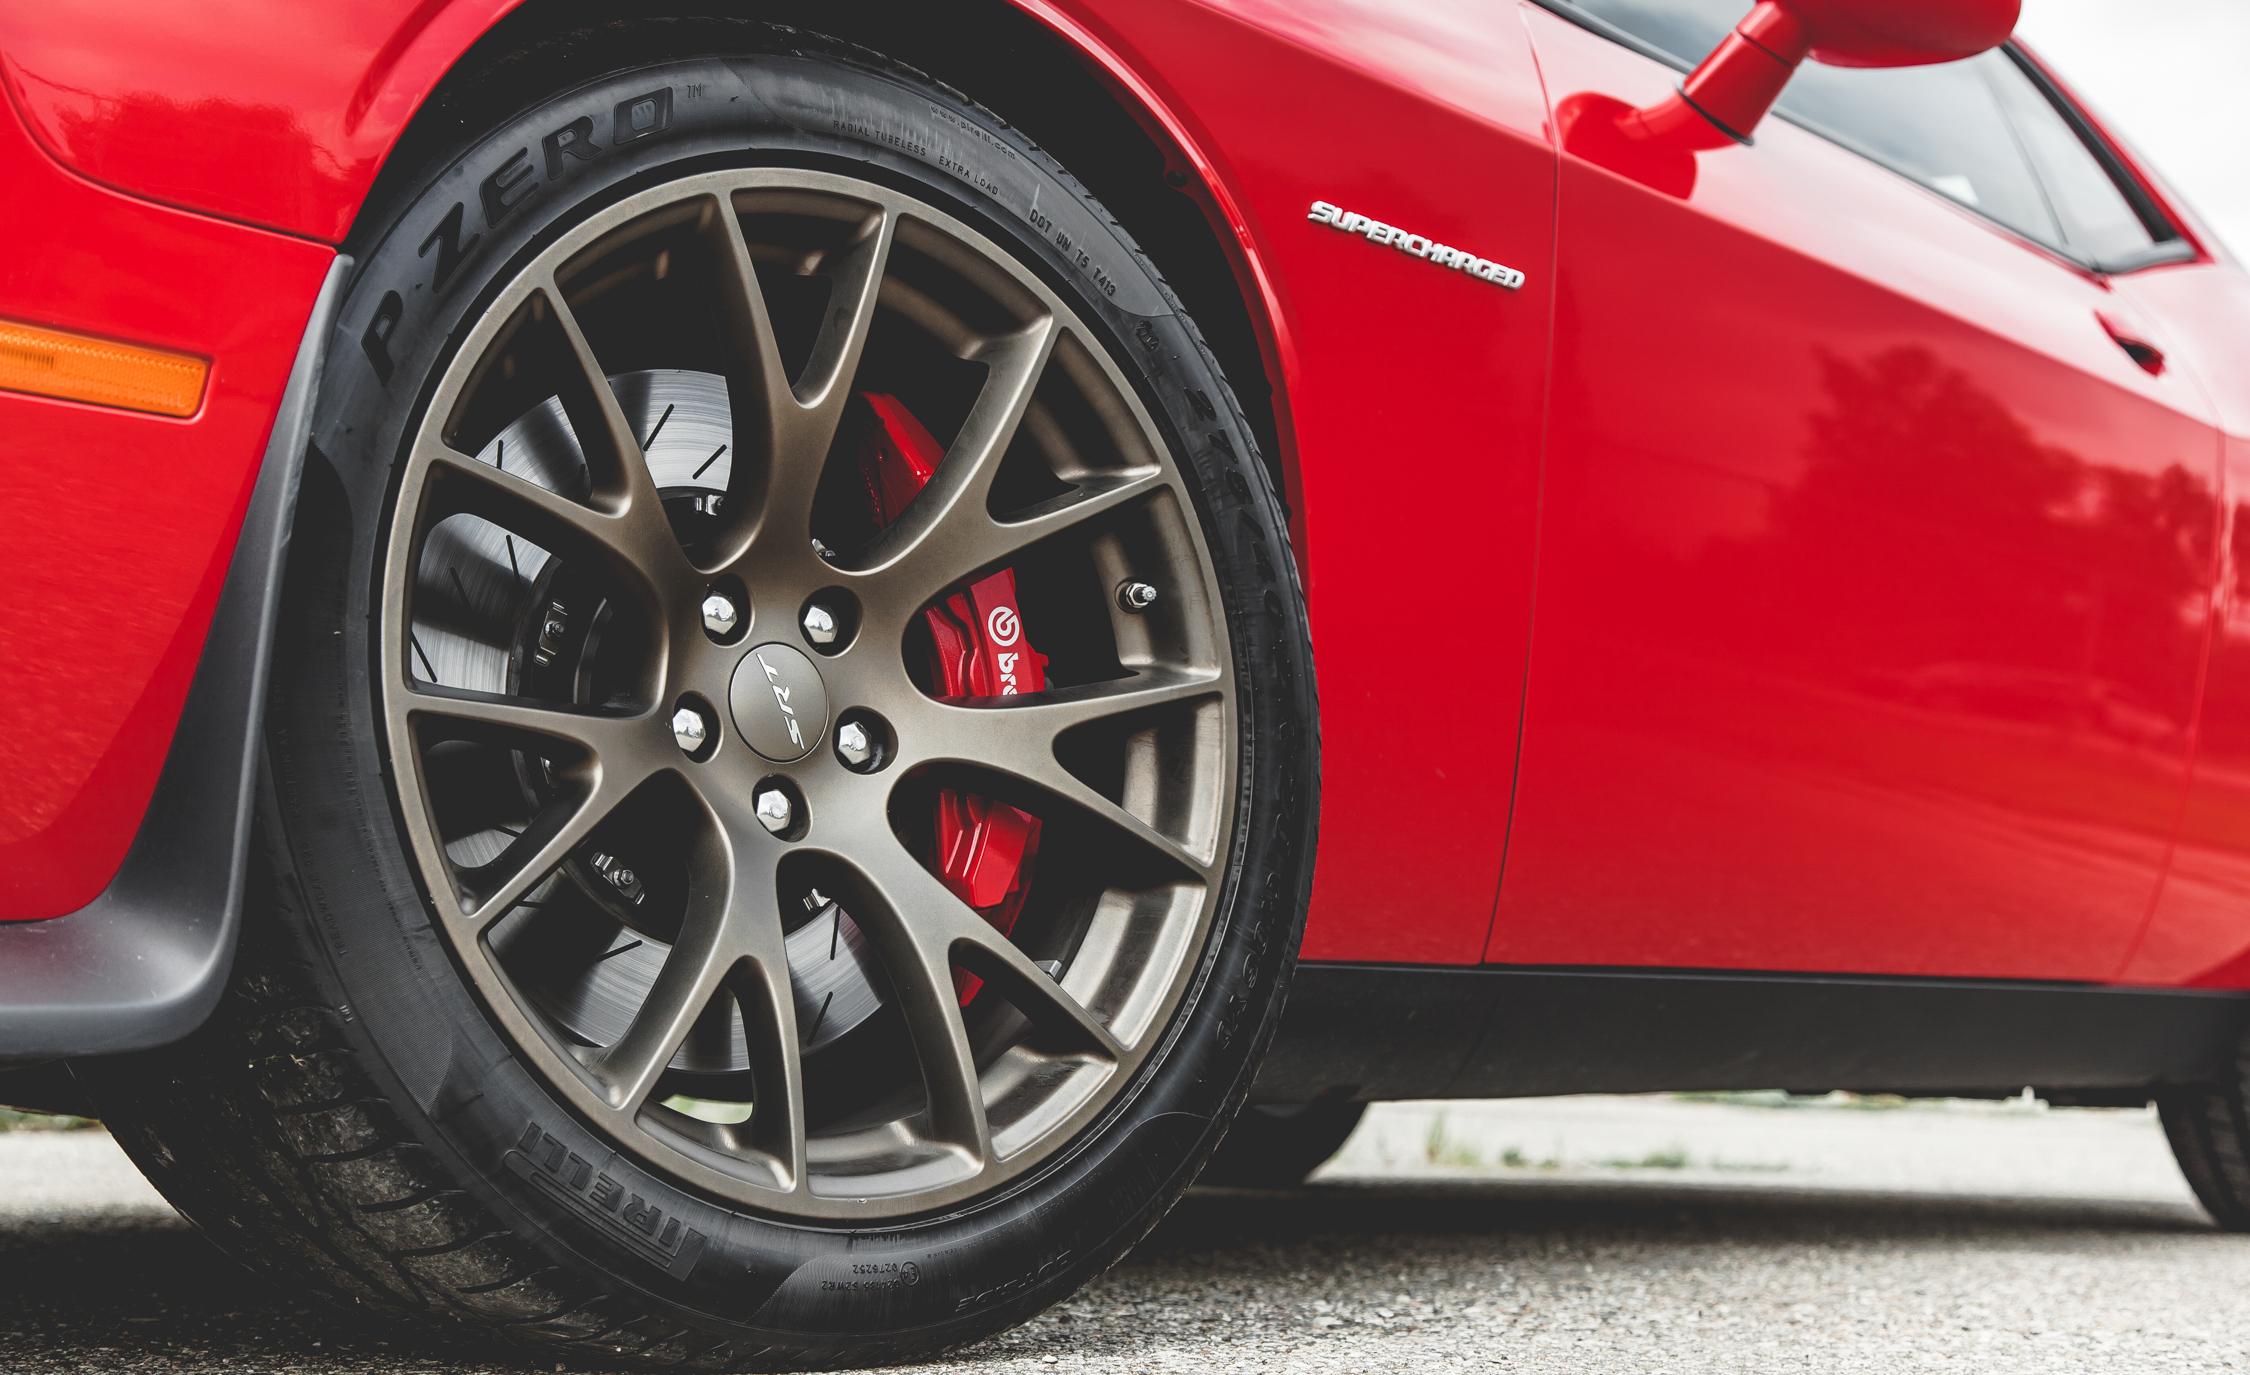 2015 Dodge Challenger SRT Hellcat Exterior Wheel